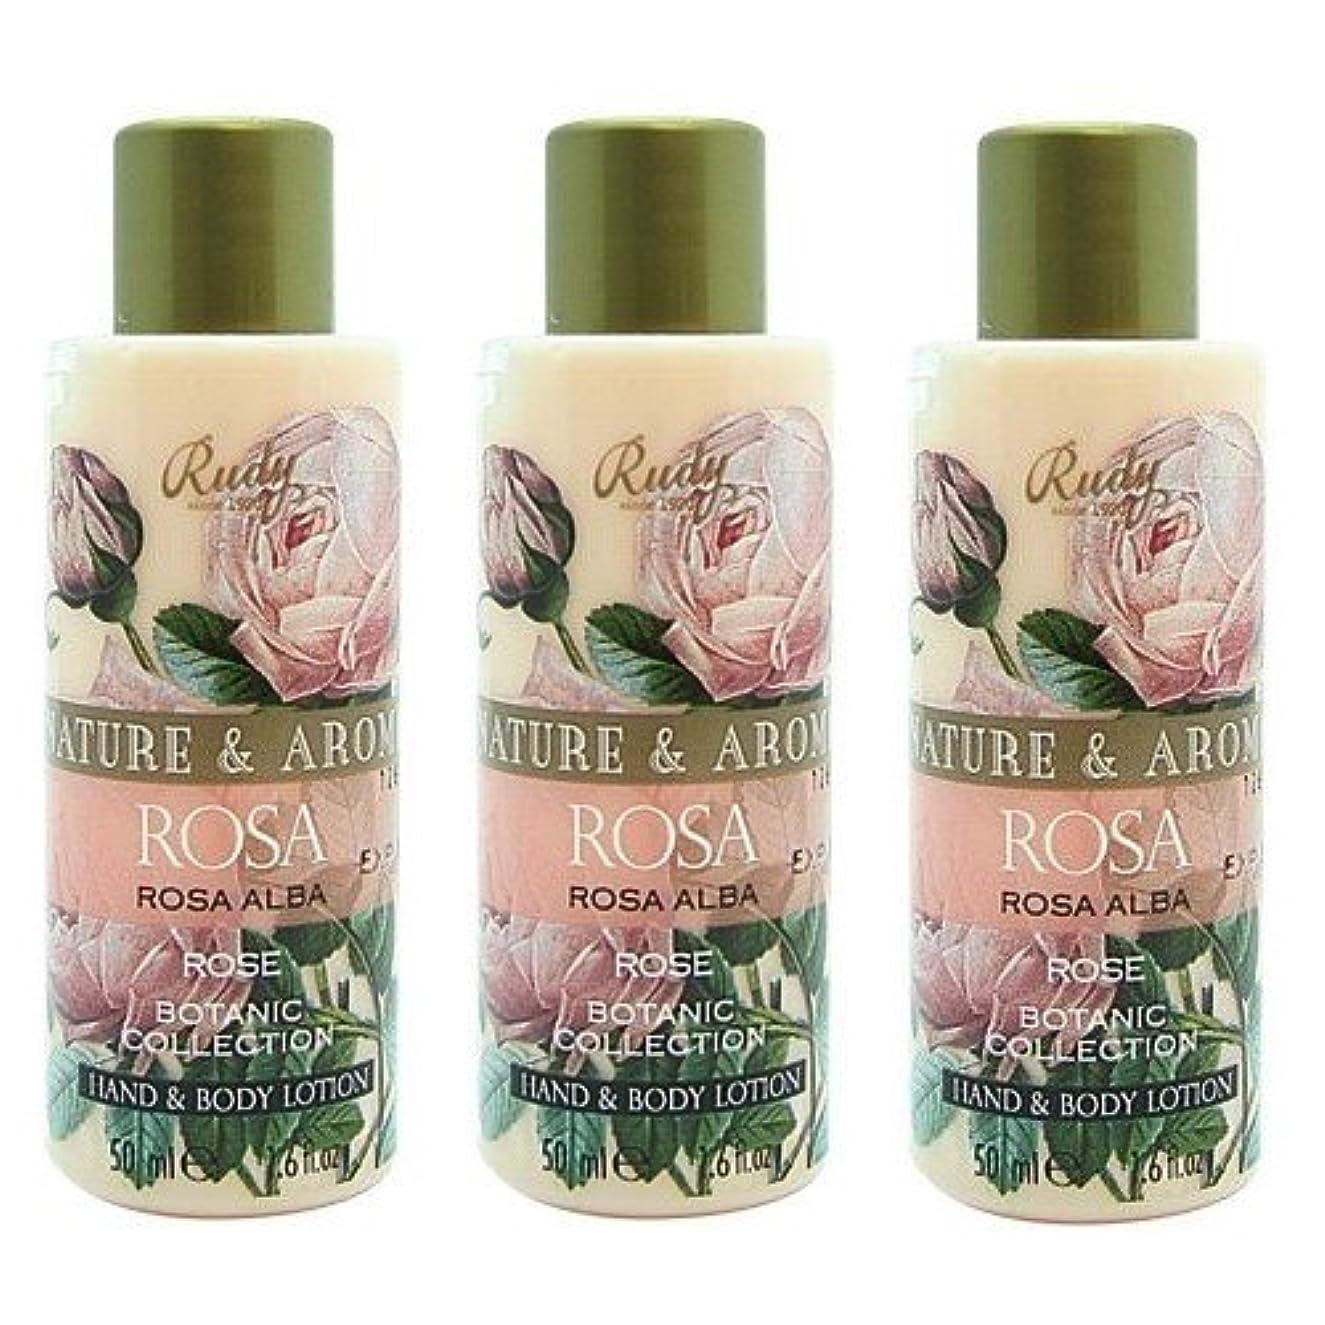 召喚する滅びる発音する(3個セット)RUDY Nature&Arome SERIES ルディ ナチュール&アロマ Mini Body lotion ミニボディローション ローズ